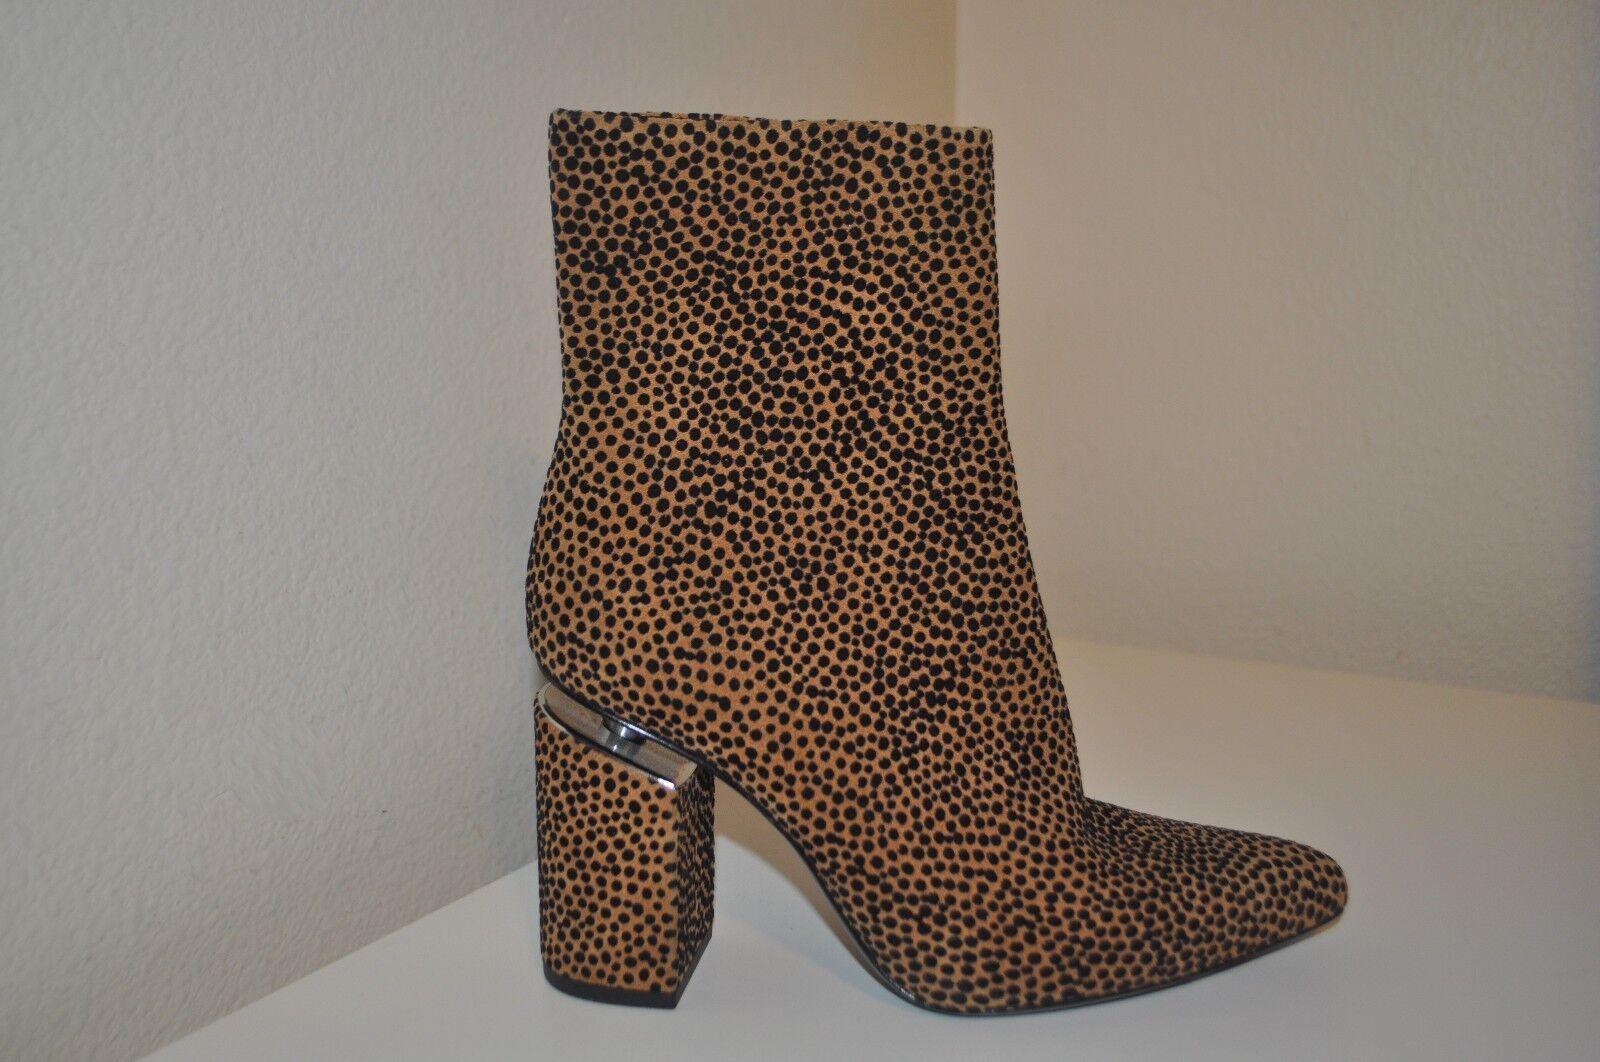 Nuevo Nuevo Nuevo  695+ Alexander Wang Kirby bota Leopardo Impresión De Gamuza. Bloque Talón botín 36-6  marca en liquidación de venta